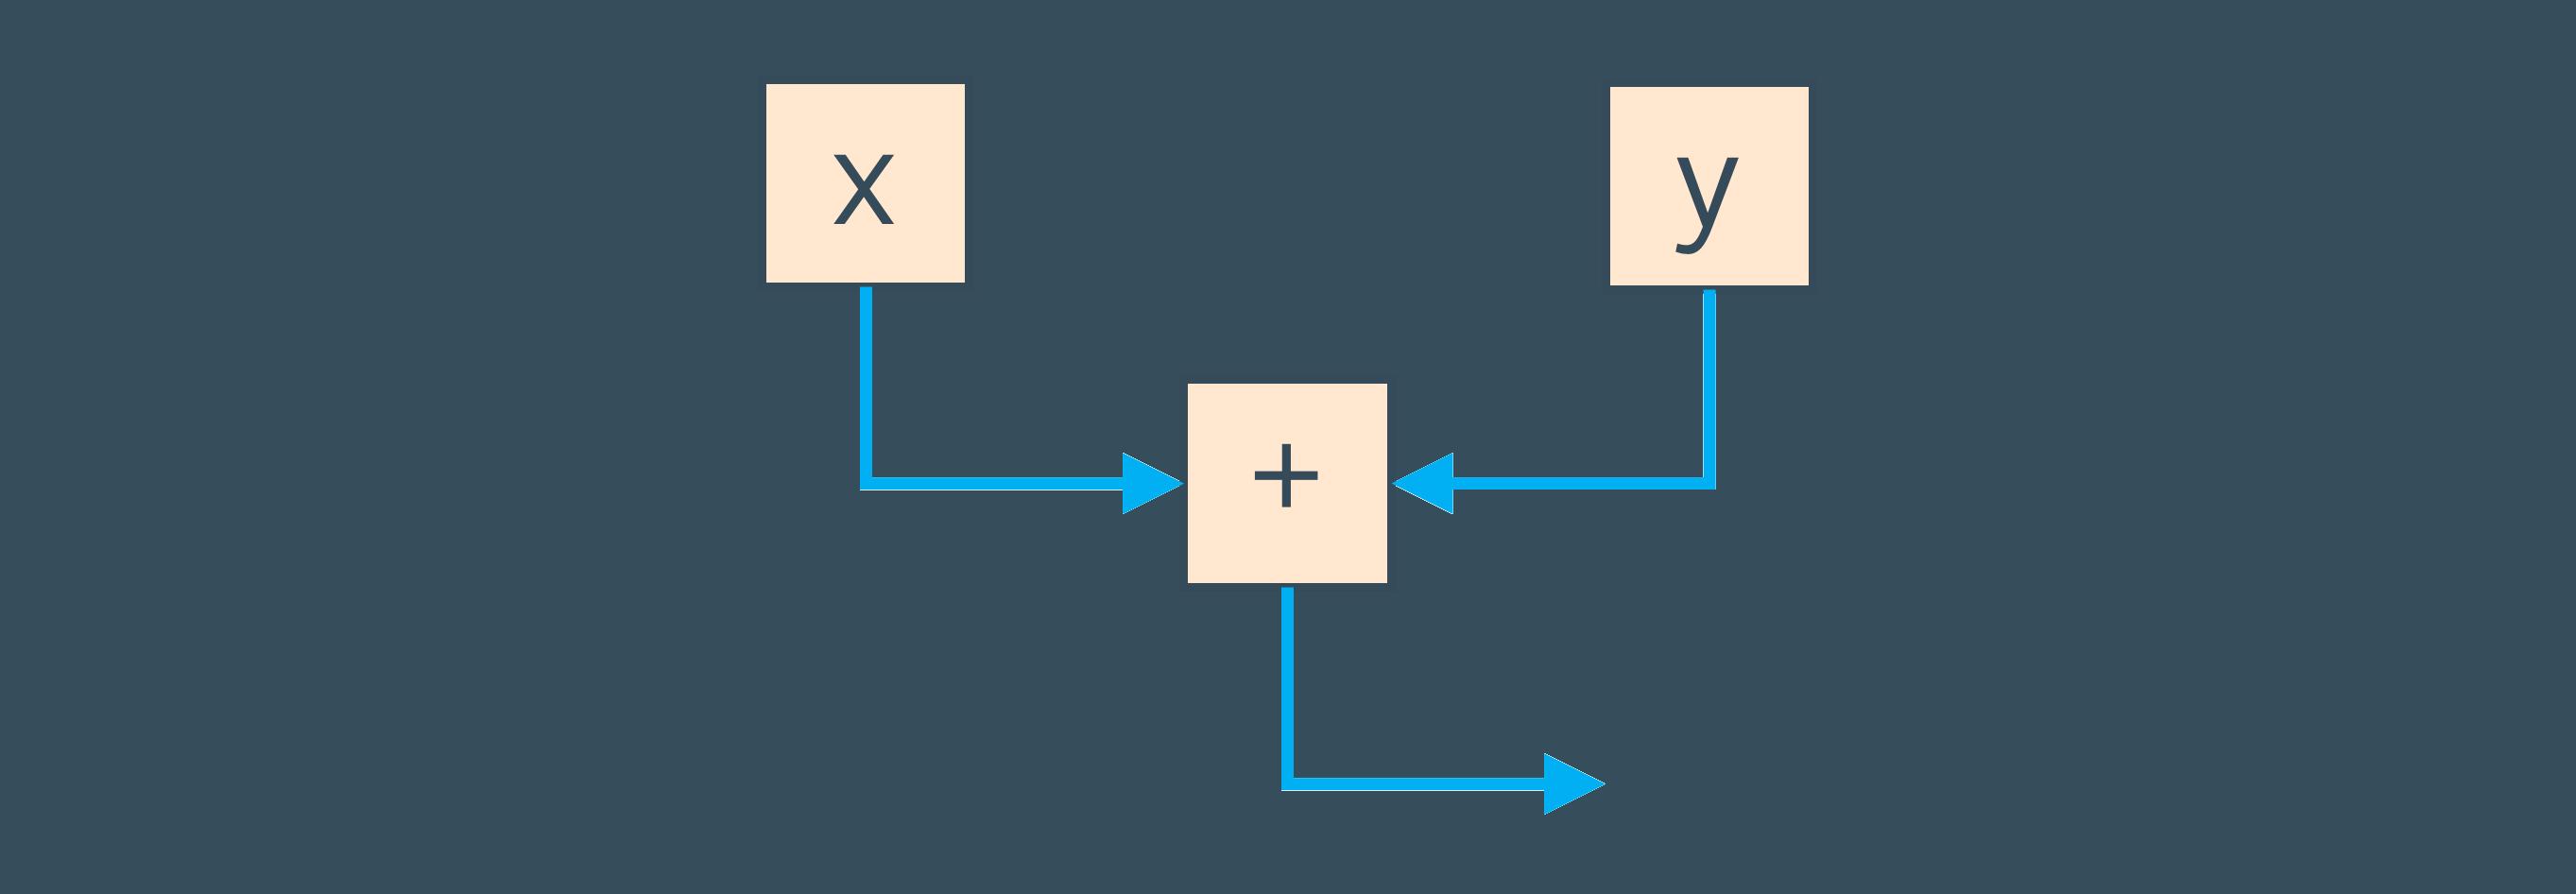 Граф потока данных